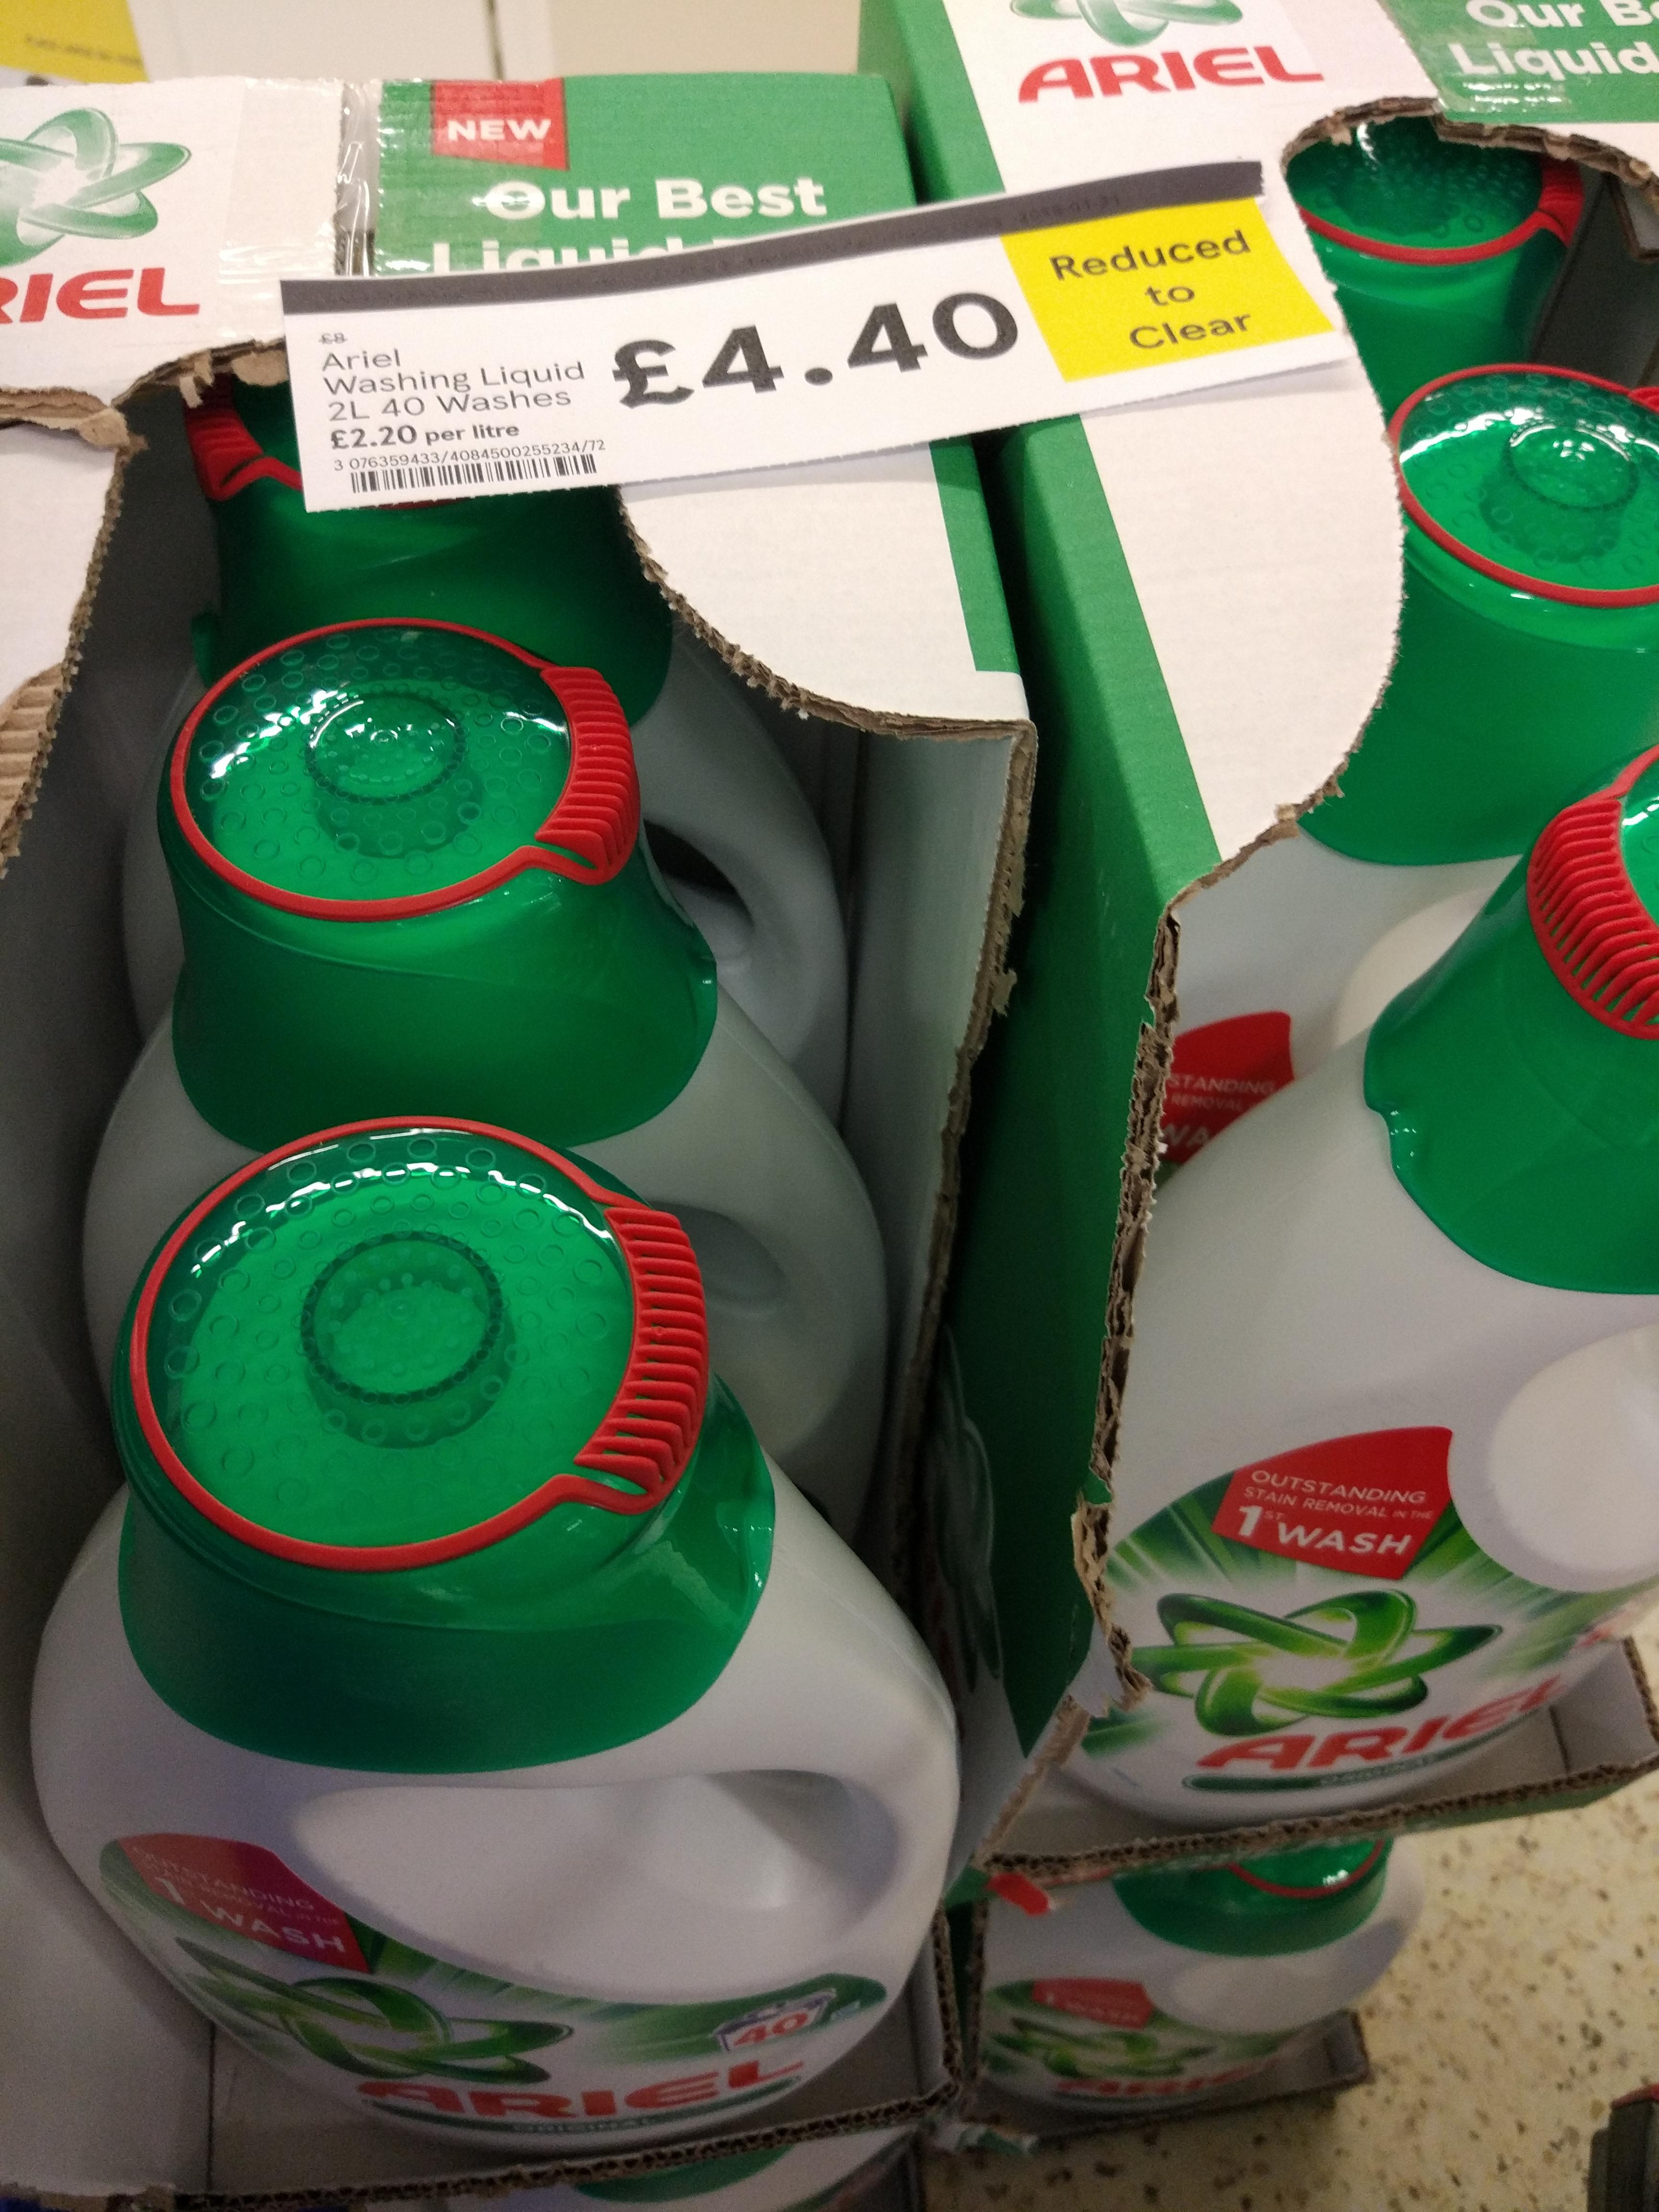 Ariel 40 wash liquid 2lt - £4.40 instore @ Tesco